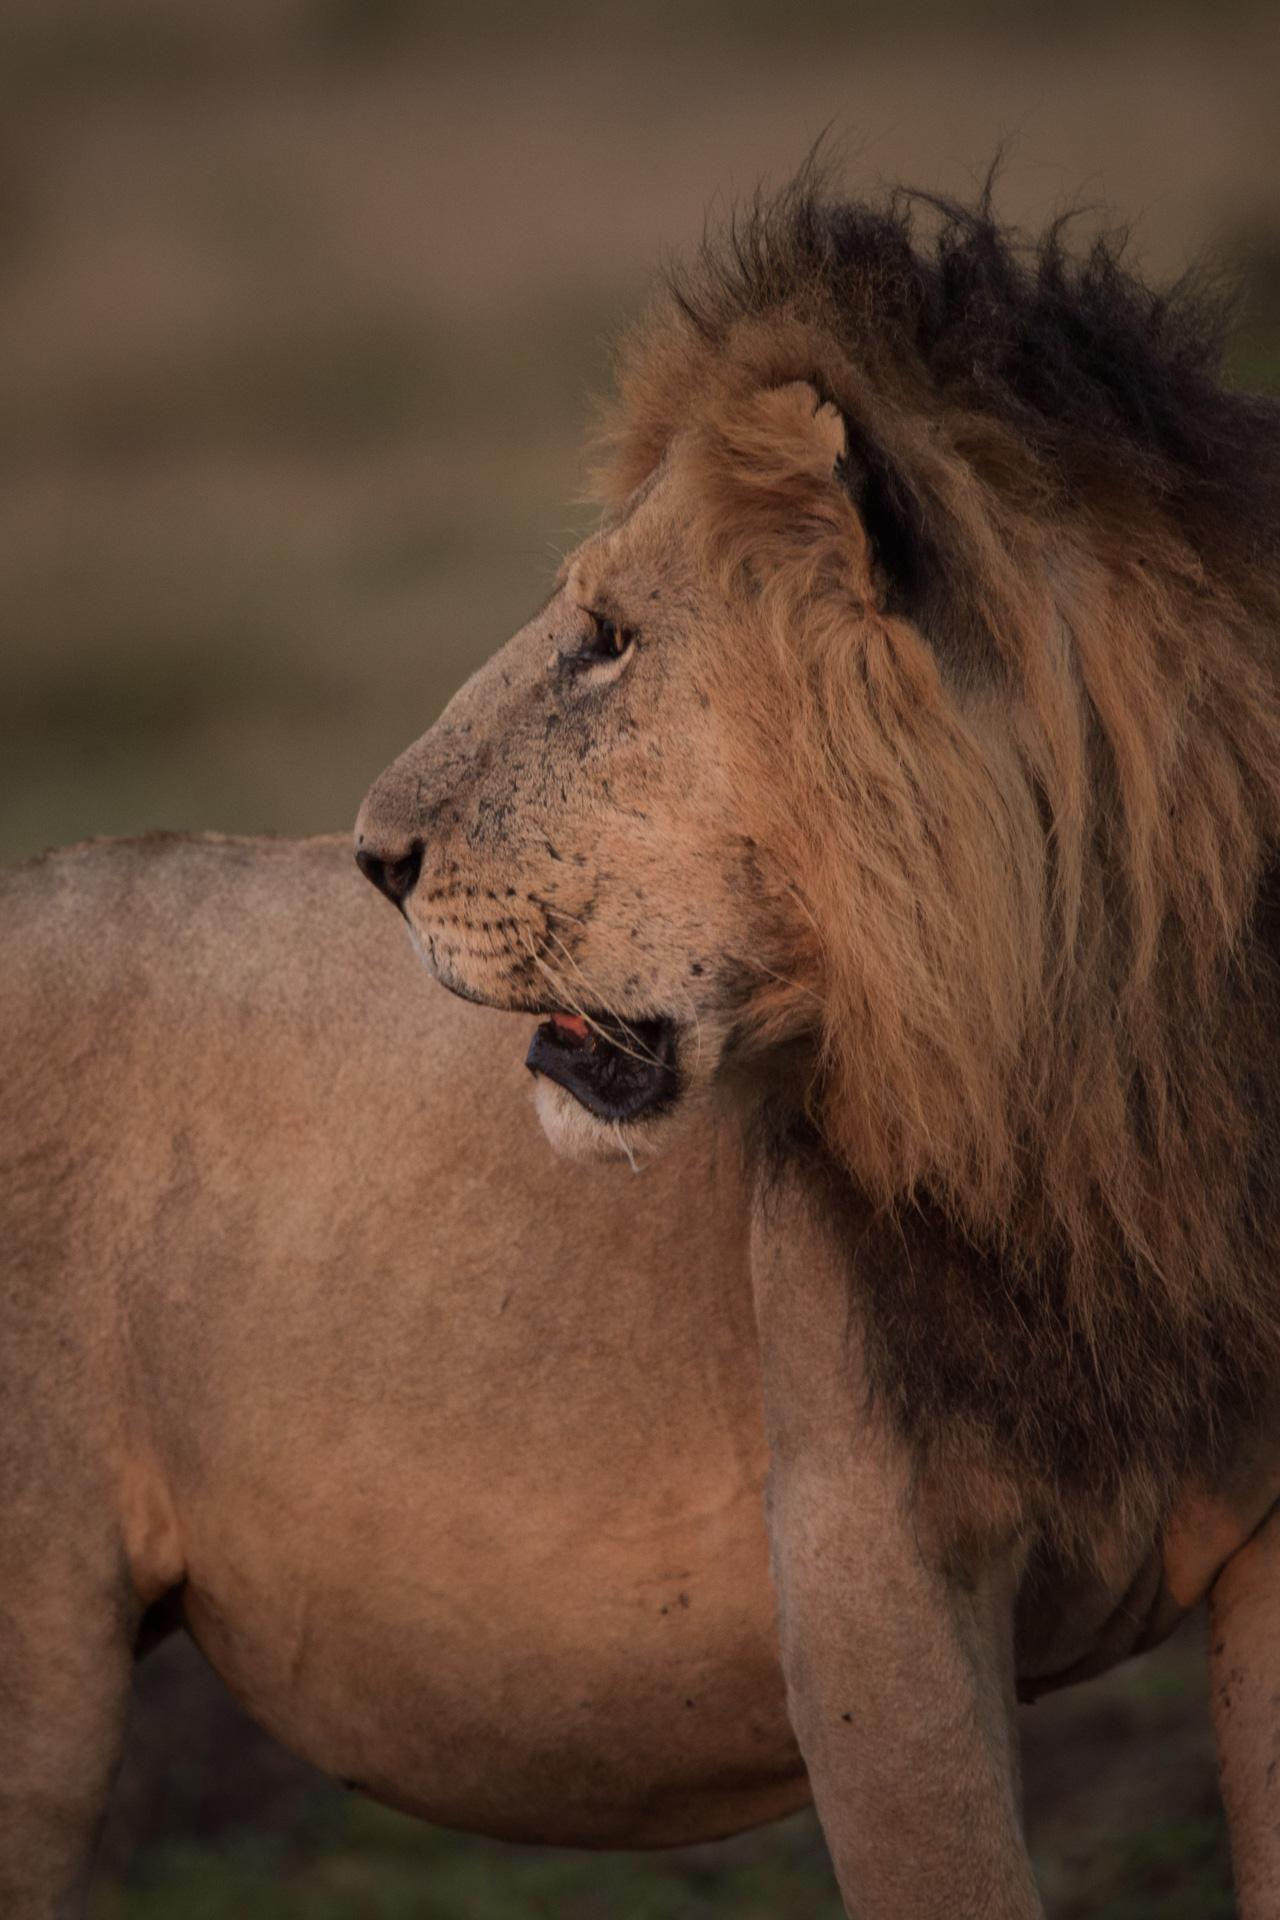 Standing lion looking left